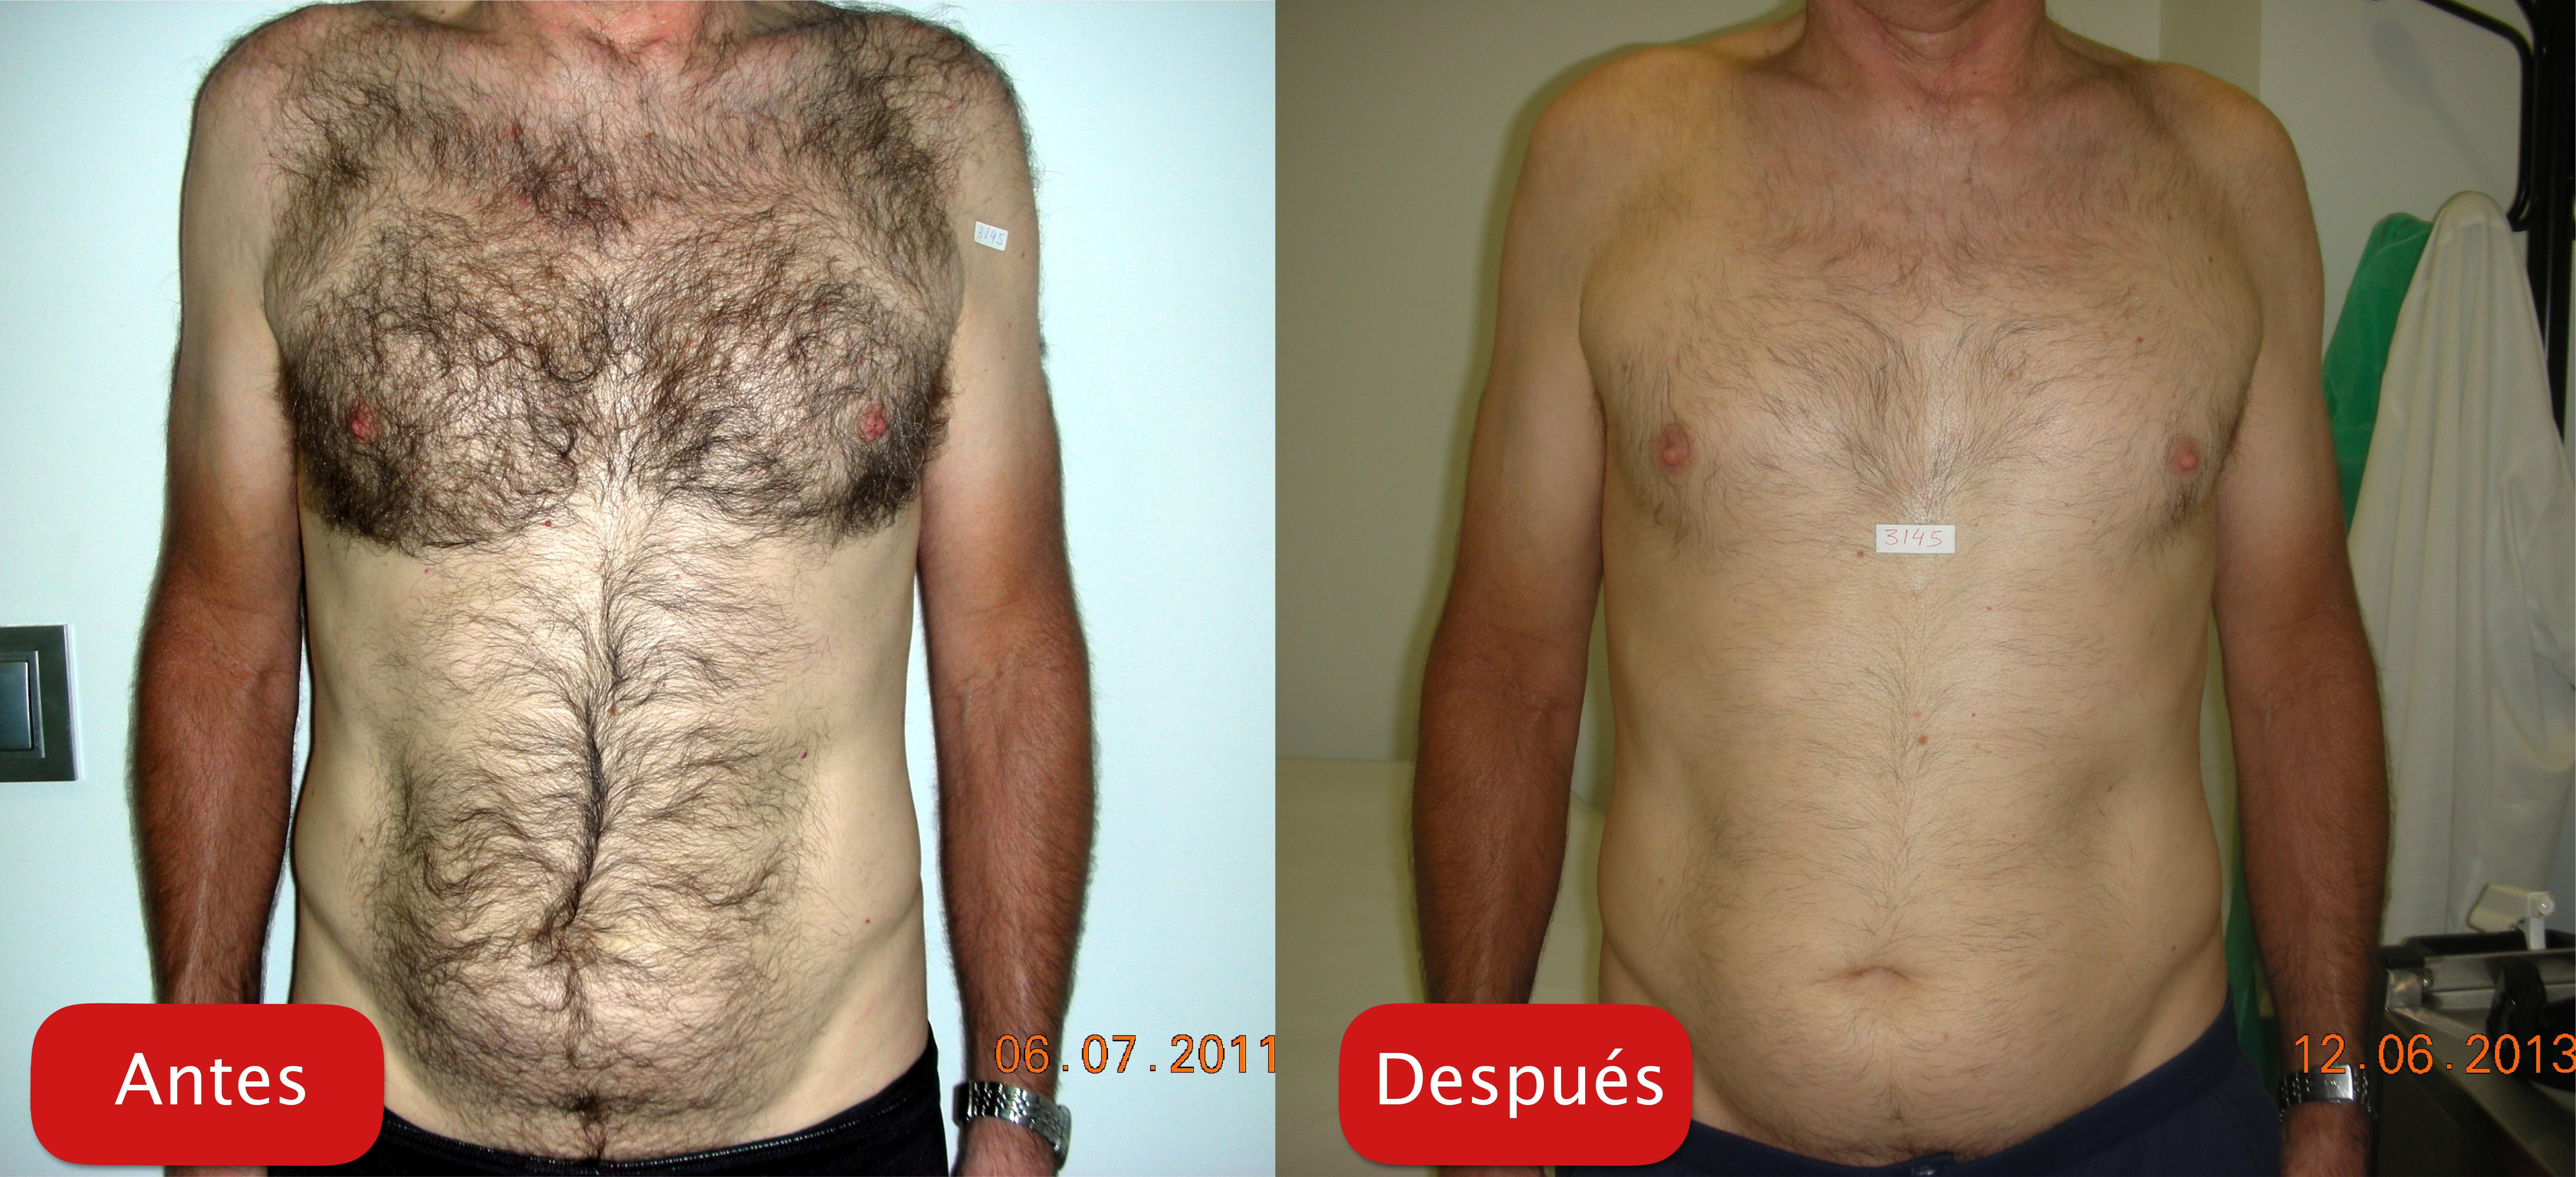 Nectarclinic Xàtiva - Resultados - depiacion laser eliminación bello cuerpo torso plataforma esfera plus